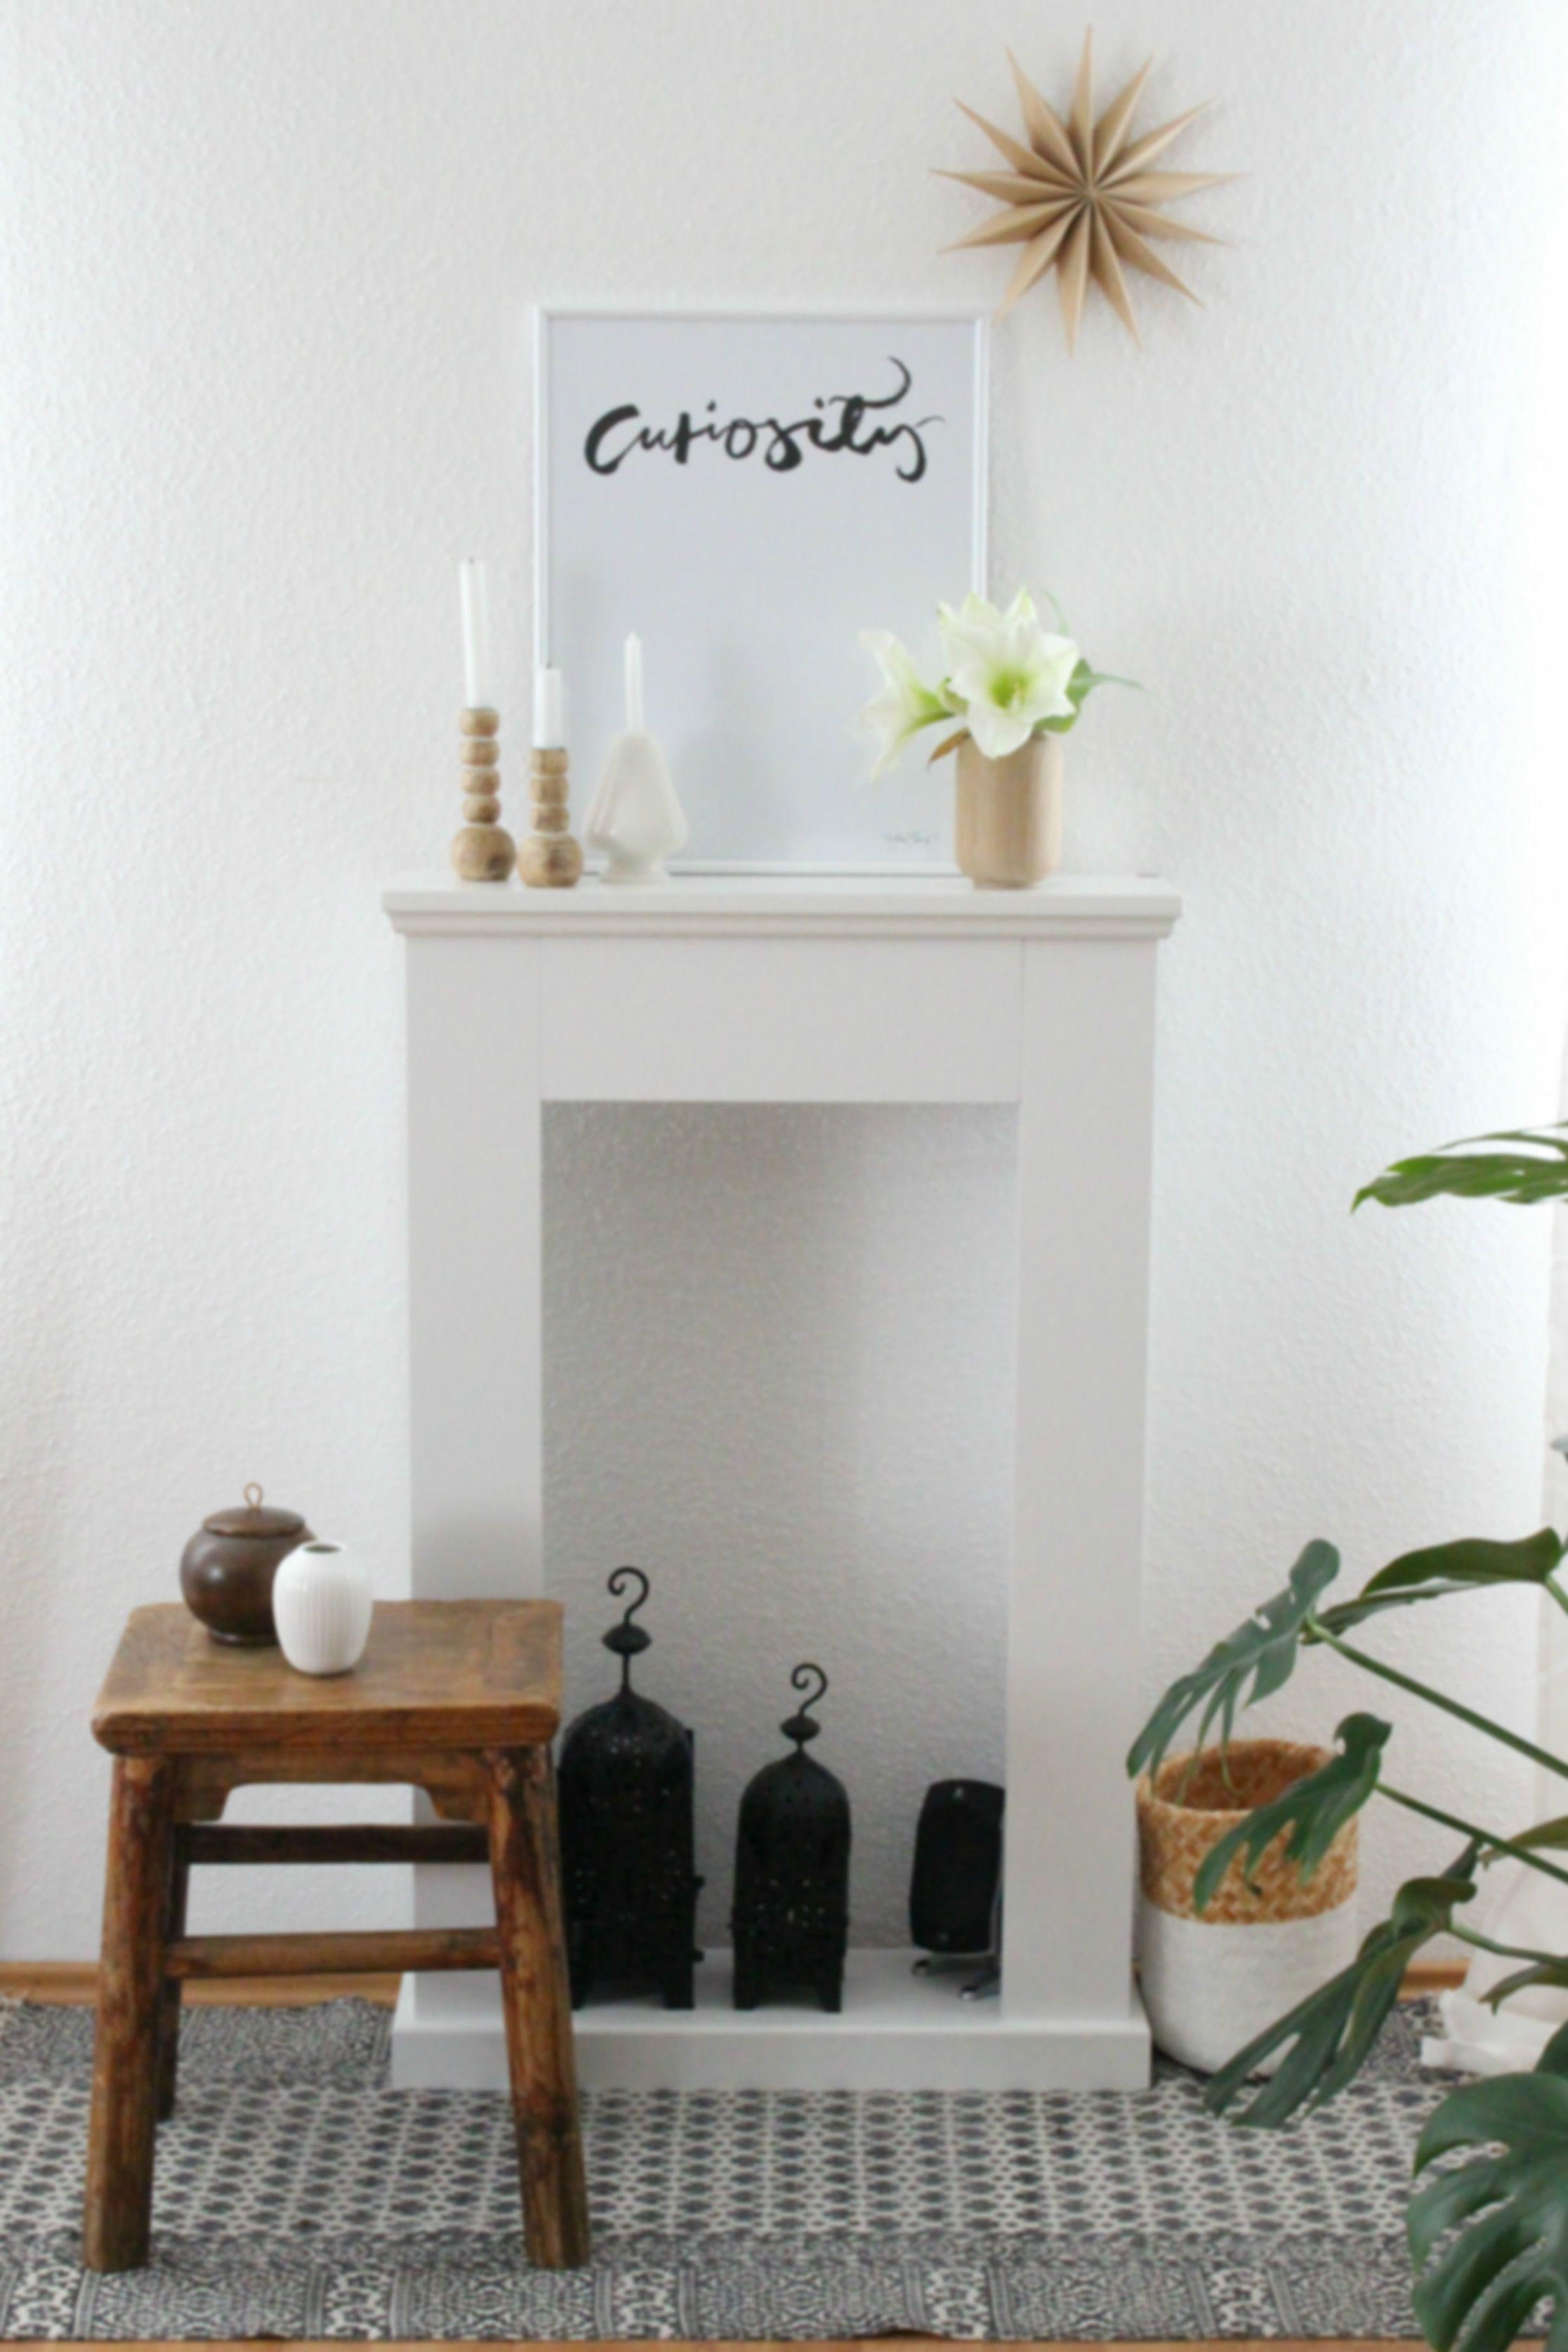 Adventsdekoration Auf Dem Kaminsims, Kamin, Wohnzimmer, Nordic Style, Weiß,  Holz